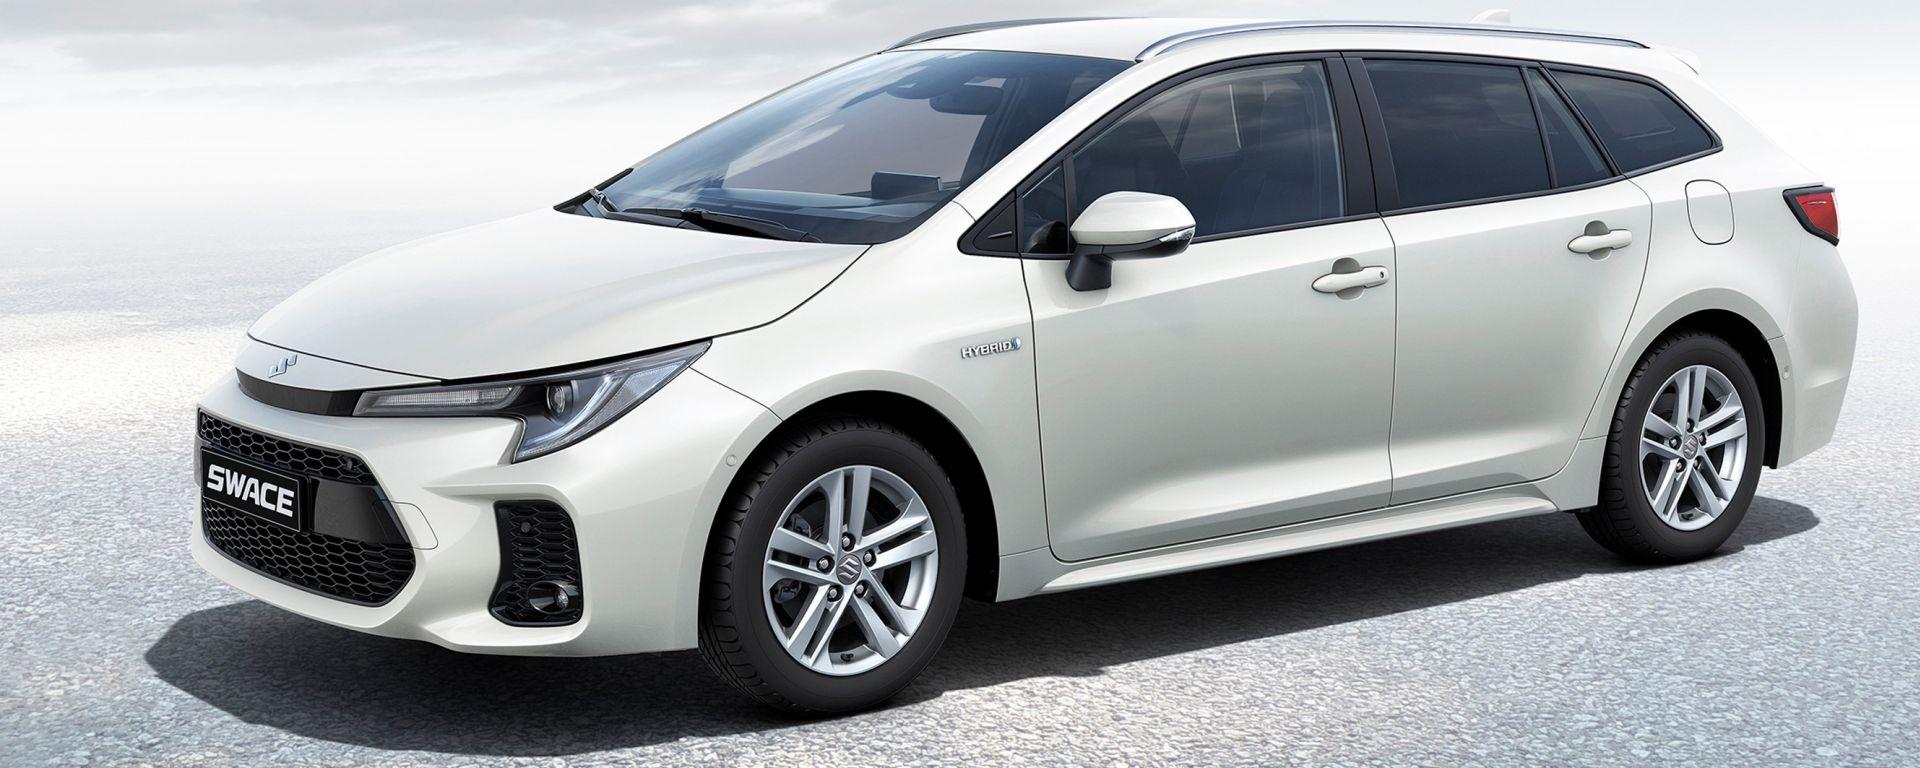 Nuova Suzuki Swace